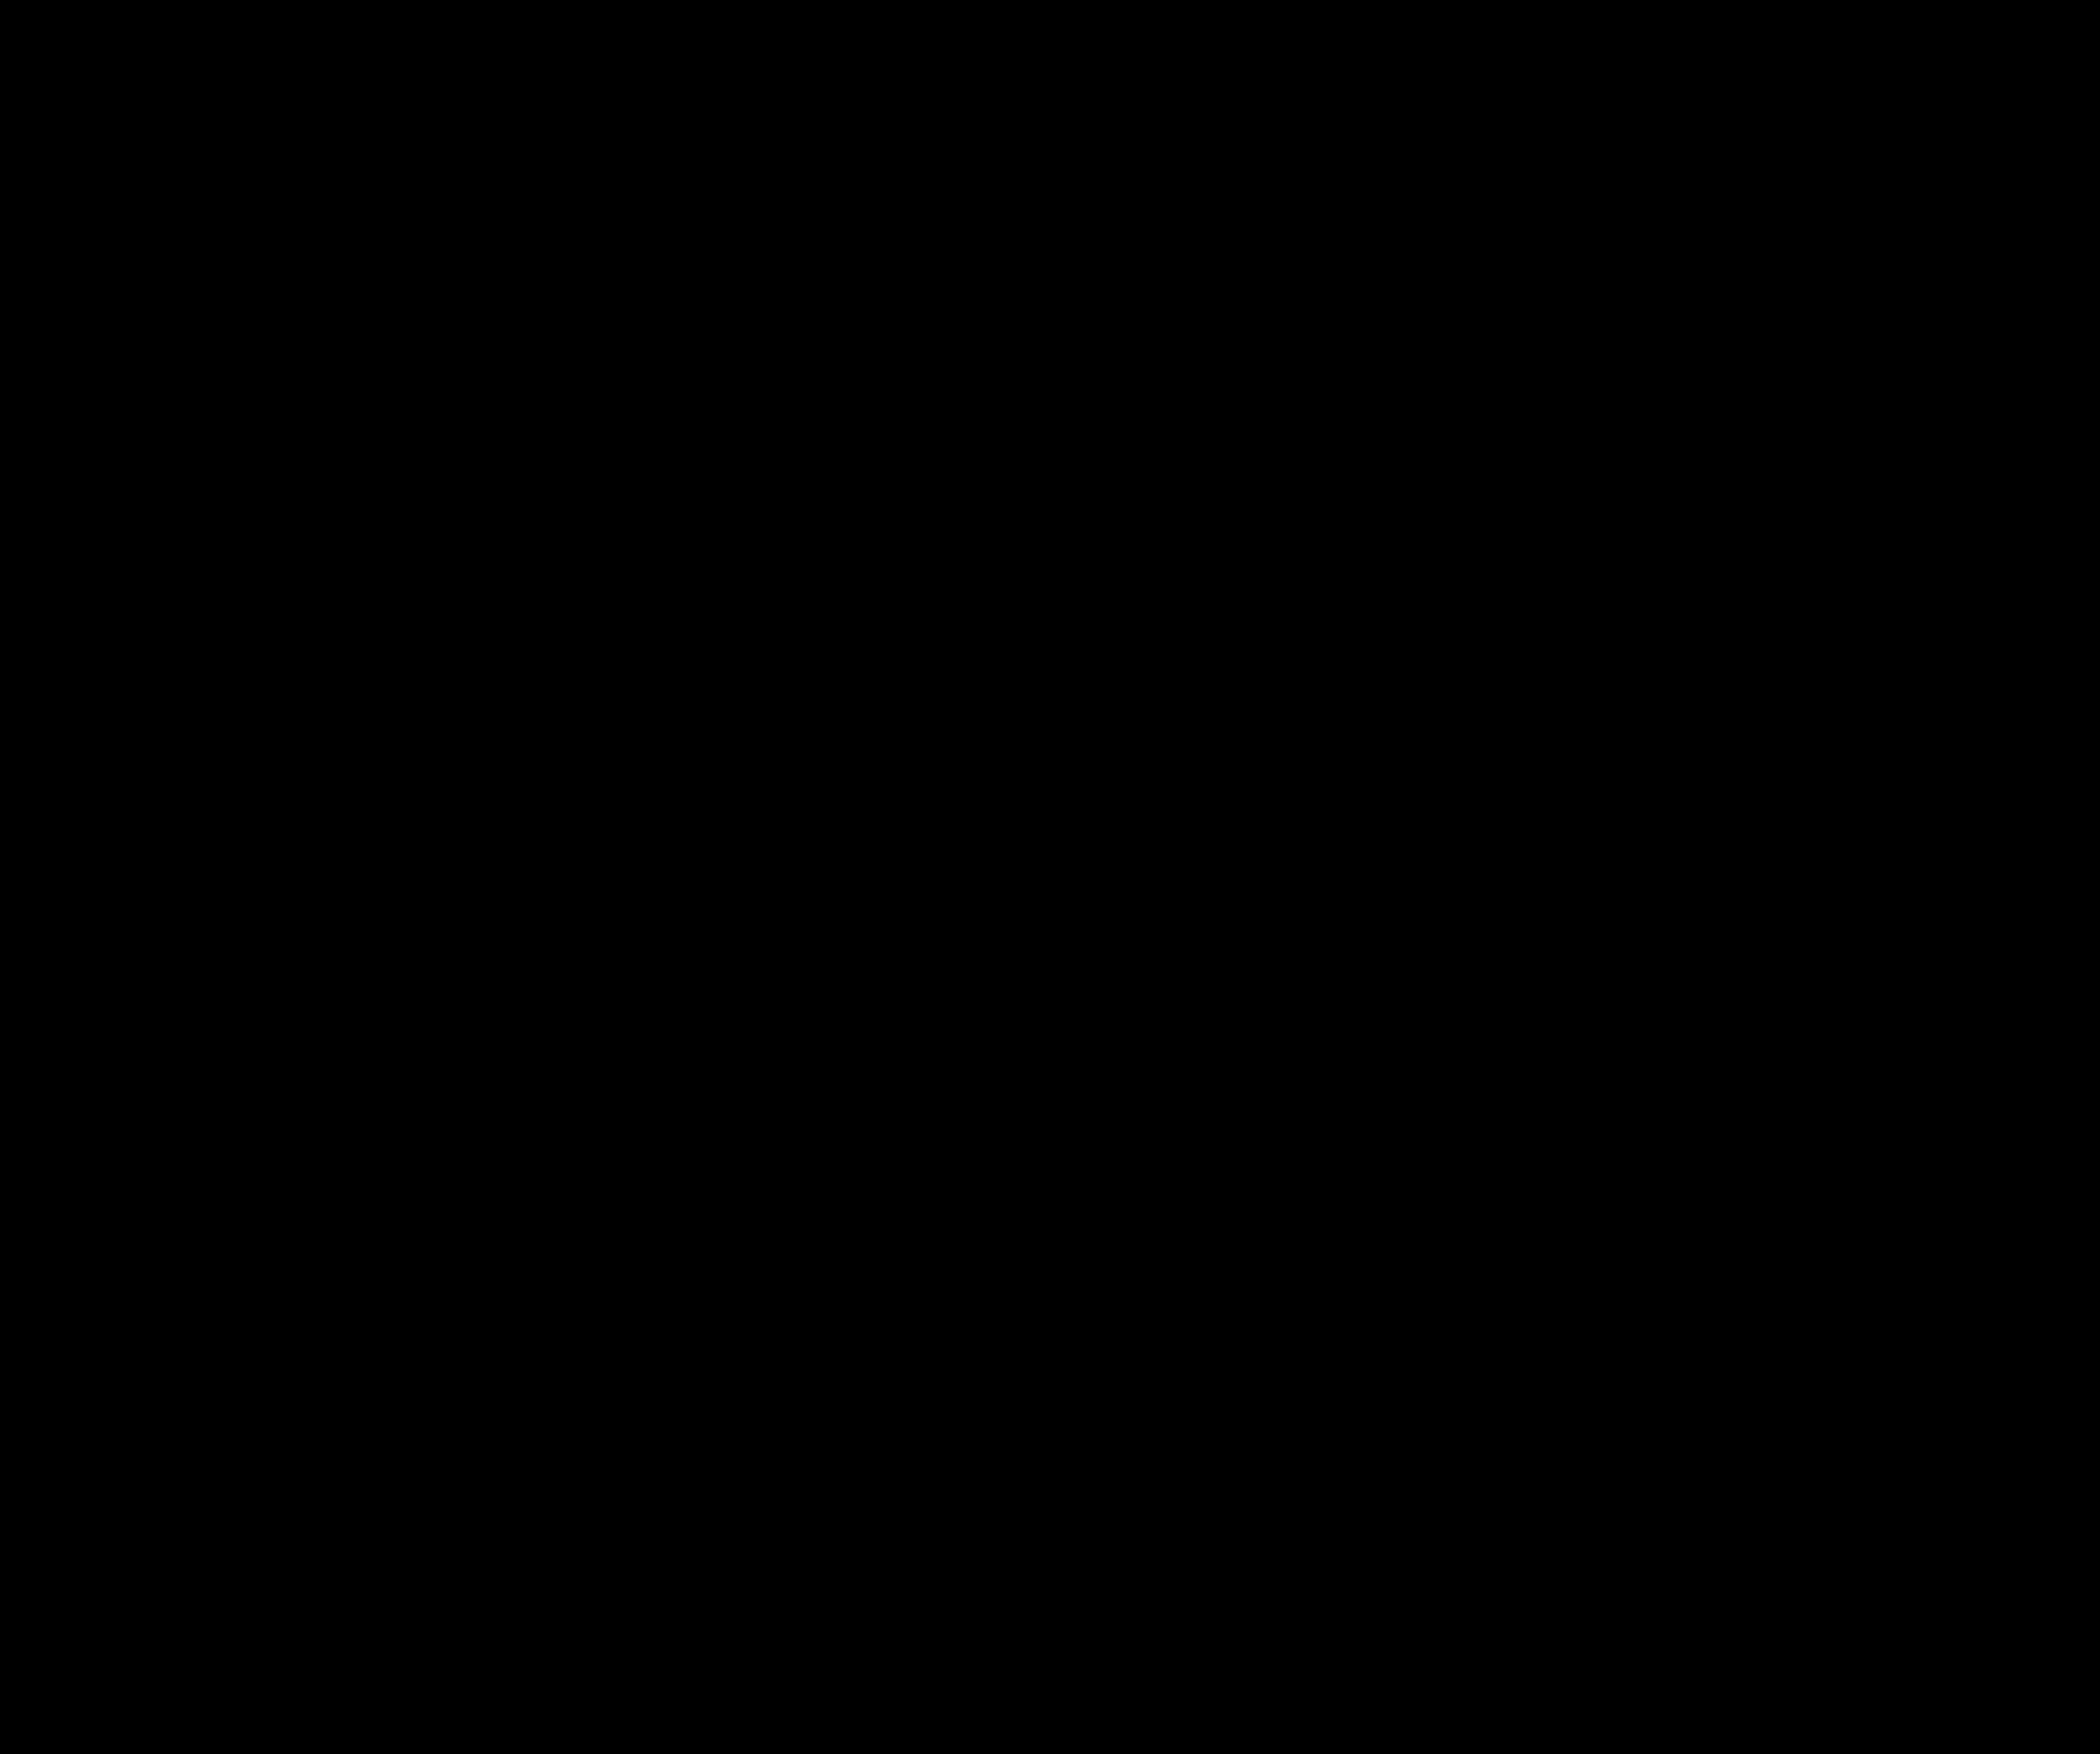 6 Grunge Brush Stroke Square Frame (PNG Transparent ...